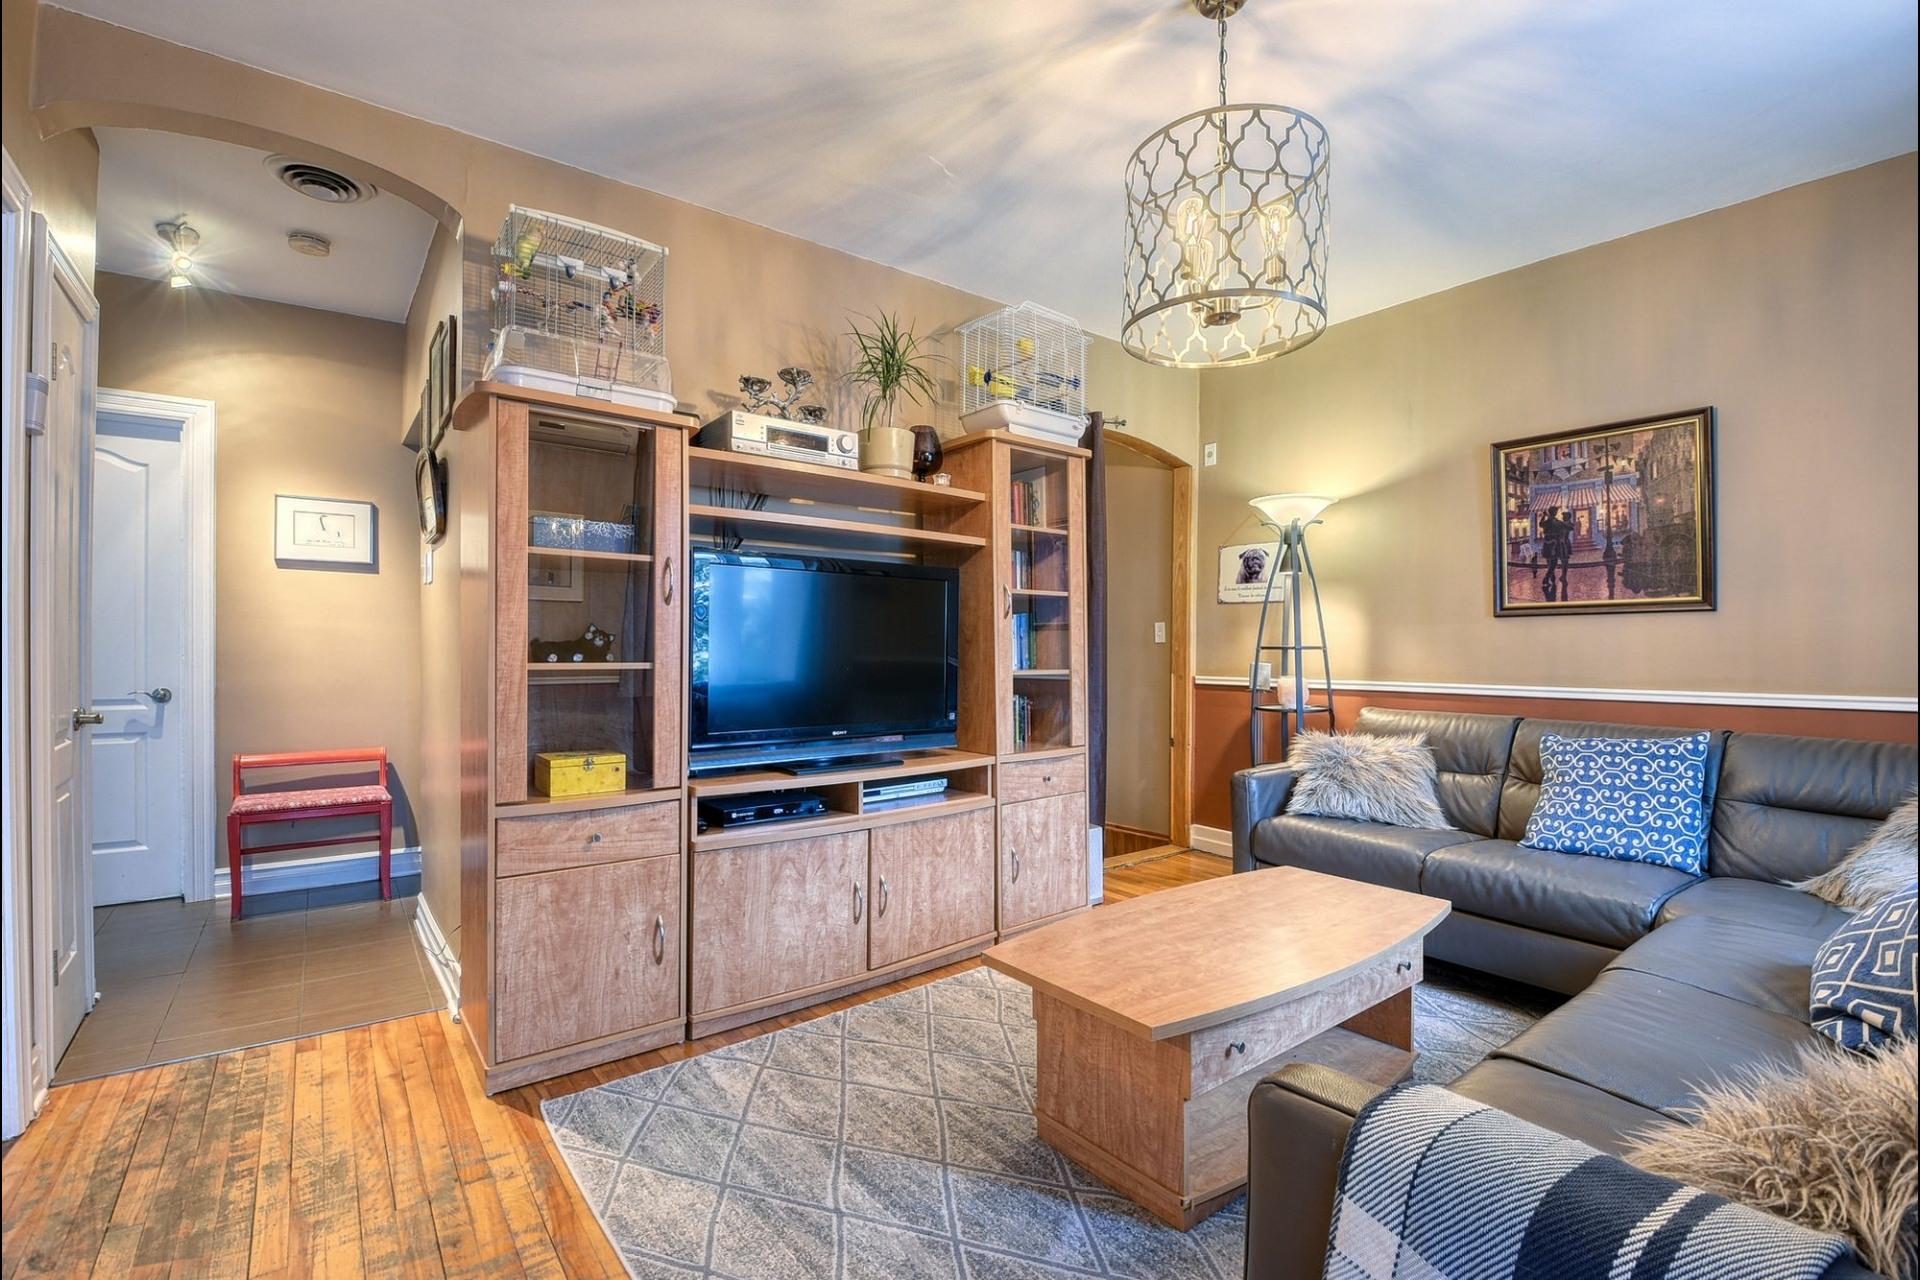 image 4 - House For sale Lachine Montréal  - 8 rooms